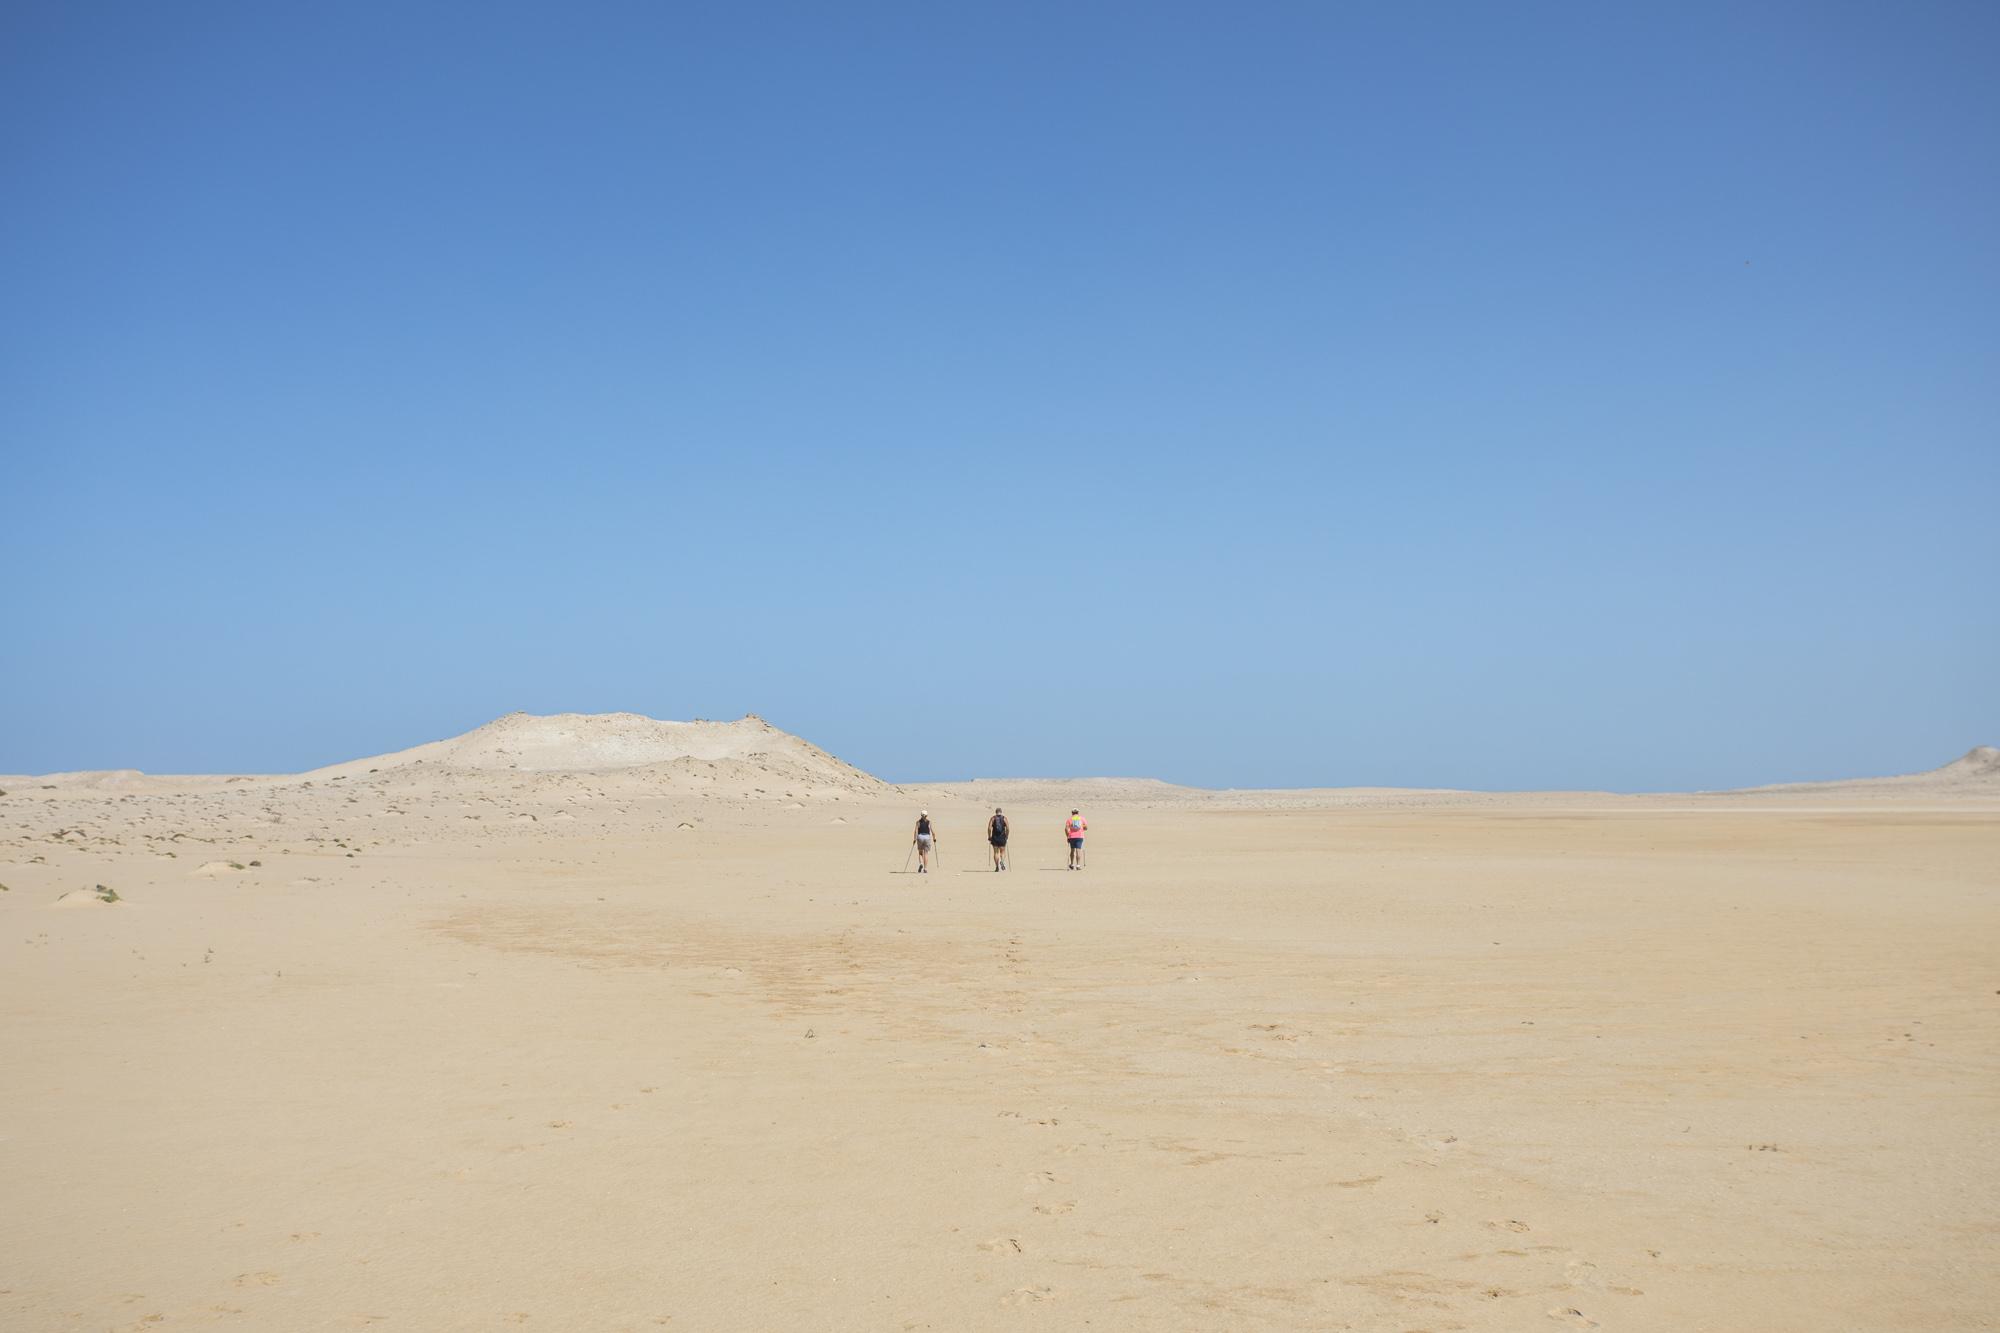 Le Palais Rhoul Dakhla | hotel spa | Marche Nordique le désert